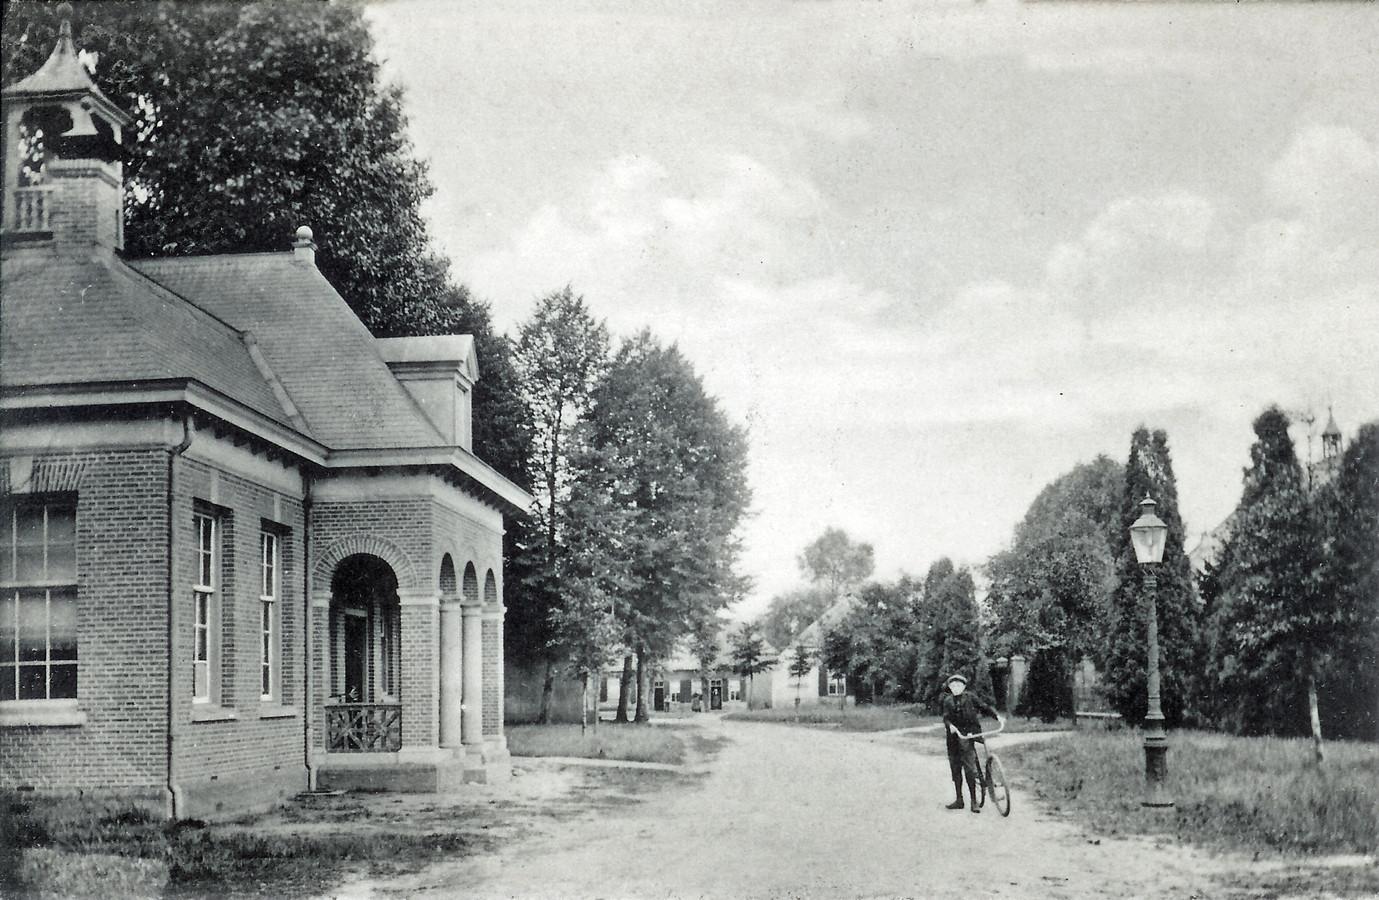 """""""Niet het eerste, maar het tweede (voormalige) raadhuis van Tongelre. Dat in 1911 werd gebouwd, ondanks dat toen al duidelijk was dat samenvoeging met Eindhoven eraan kwam.  De voornaamste reden hiervoor was die volle gemeentekas. De lokale bestuurders wilden niet dat die integraal aan het grote Eindhoven overgedragen werd, dus besloten ze de aanwezige middelen in het nieuwe raadhuis te steken. Het gebouw is dus maar 9 jaar gemeentehuis geweest, tot 1920. Daarna heeft het verschillende functies gehad. Zo diende het tijdelijk als onderkomen voor de agrarische school. Bij de bevrijding in 1944 was het hoofdkwartier van de verzetsbeweging P.A.N. (Partizanen Actie Nederland). Vanaf 1957 is het een buurthuis."""" Rob"""